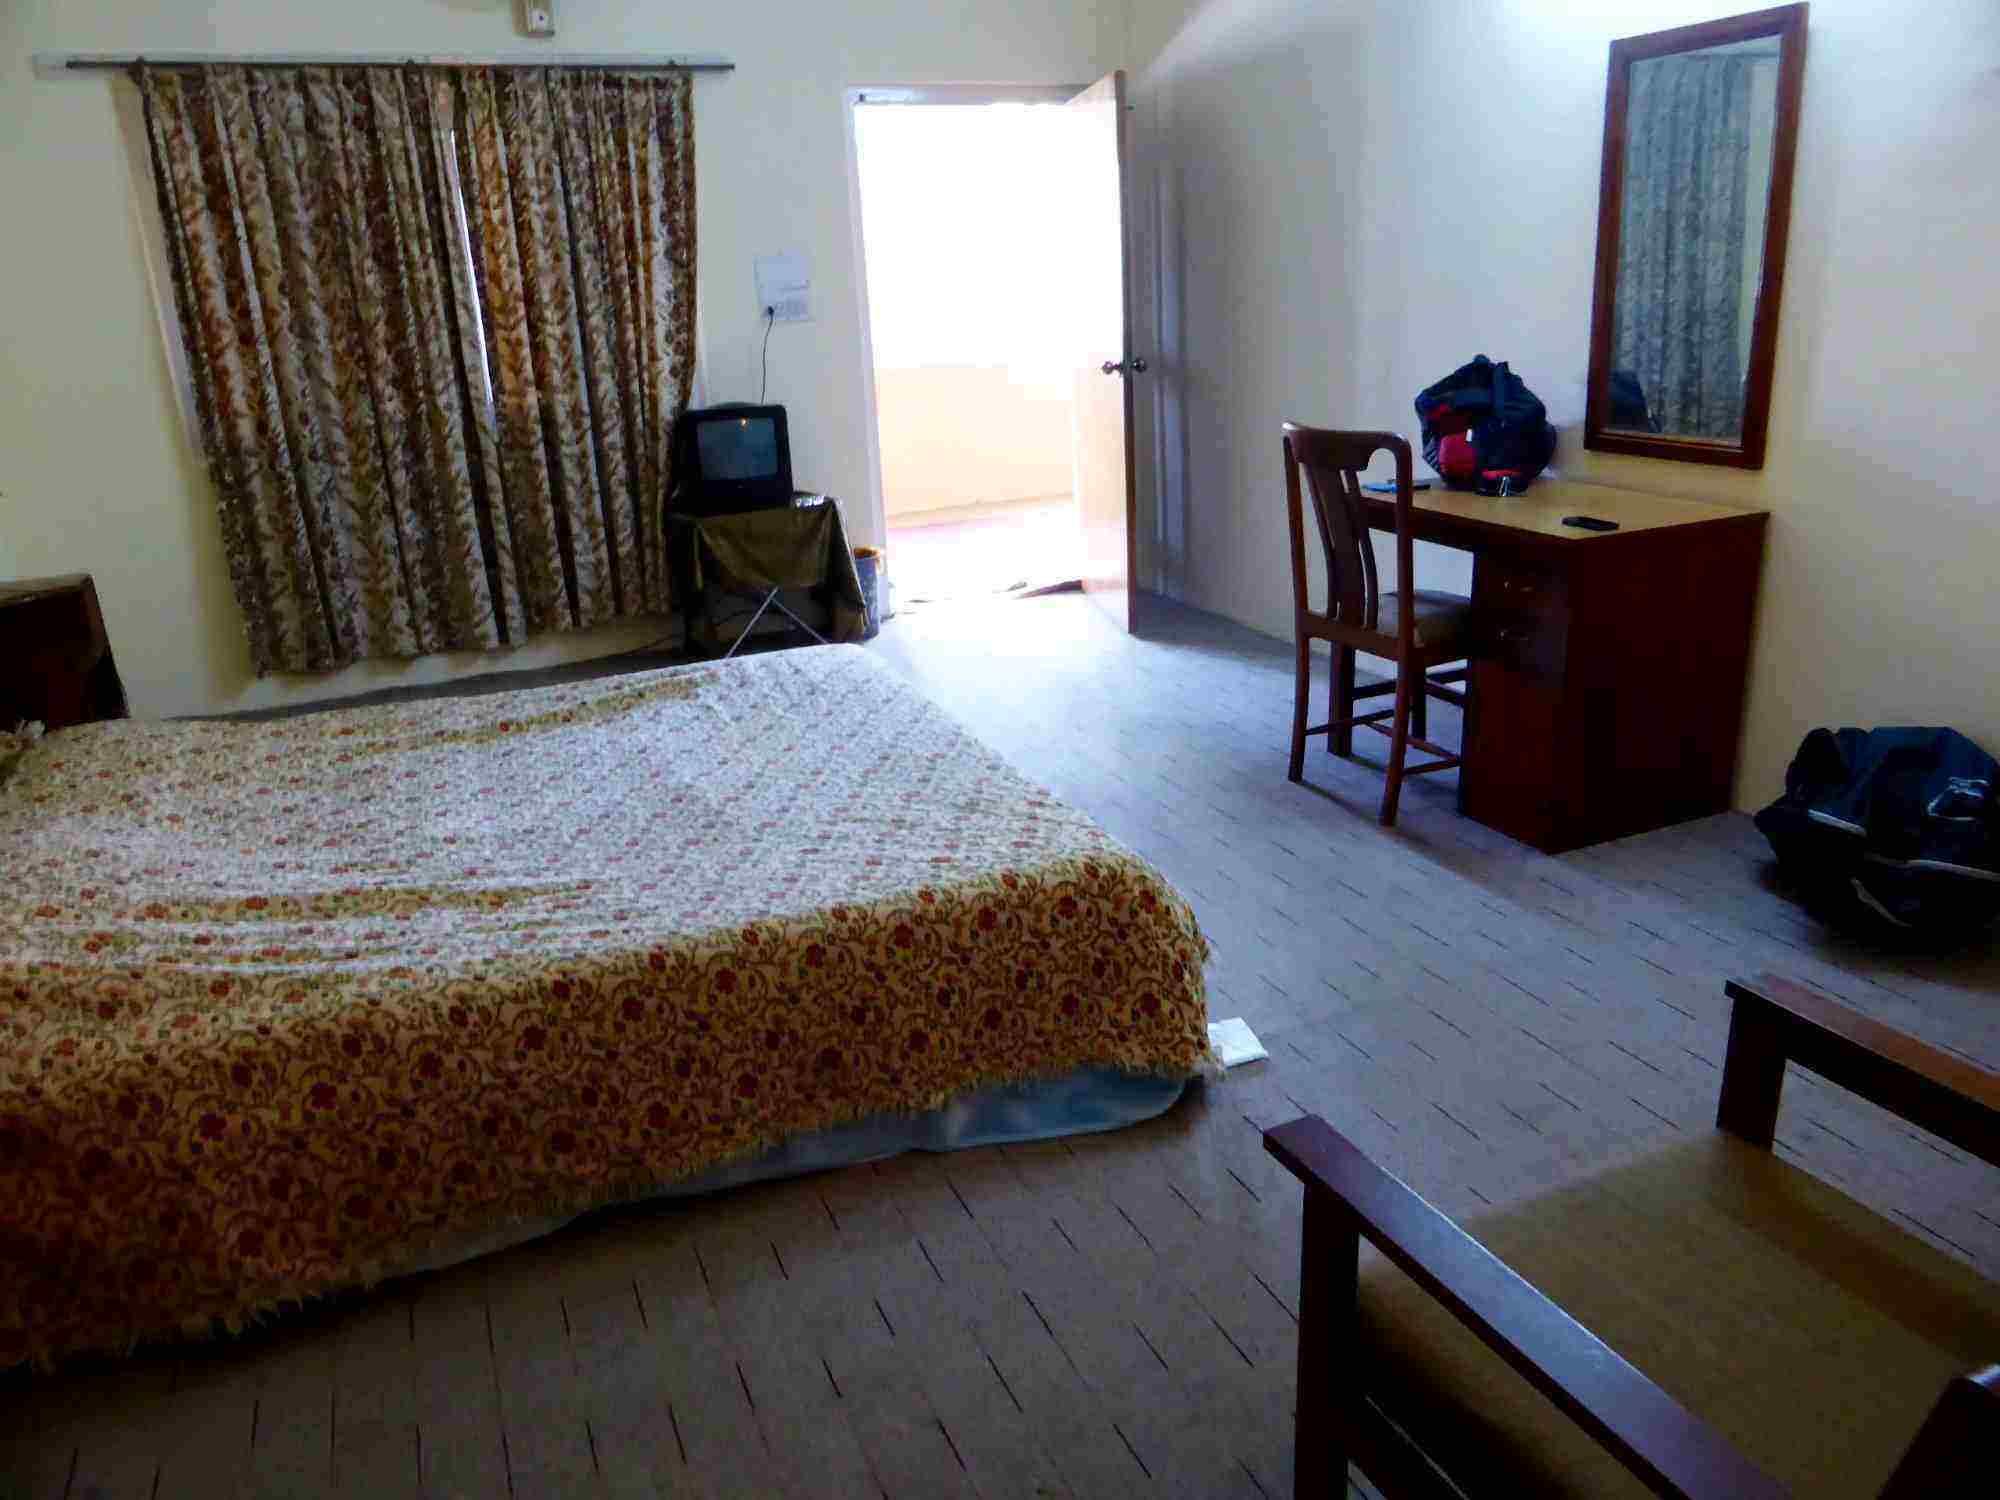 PTDC Motel Skardu